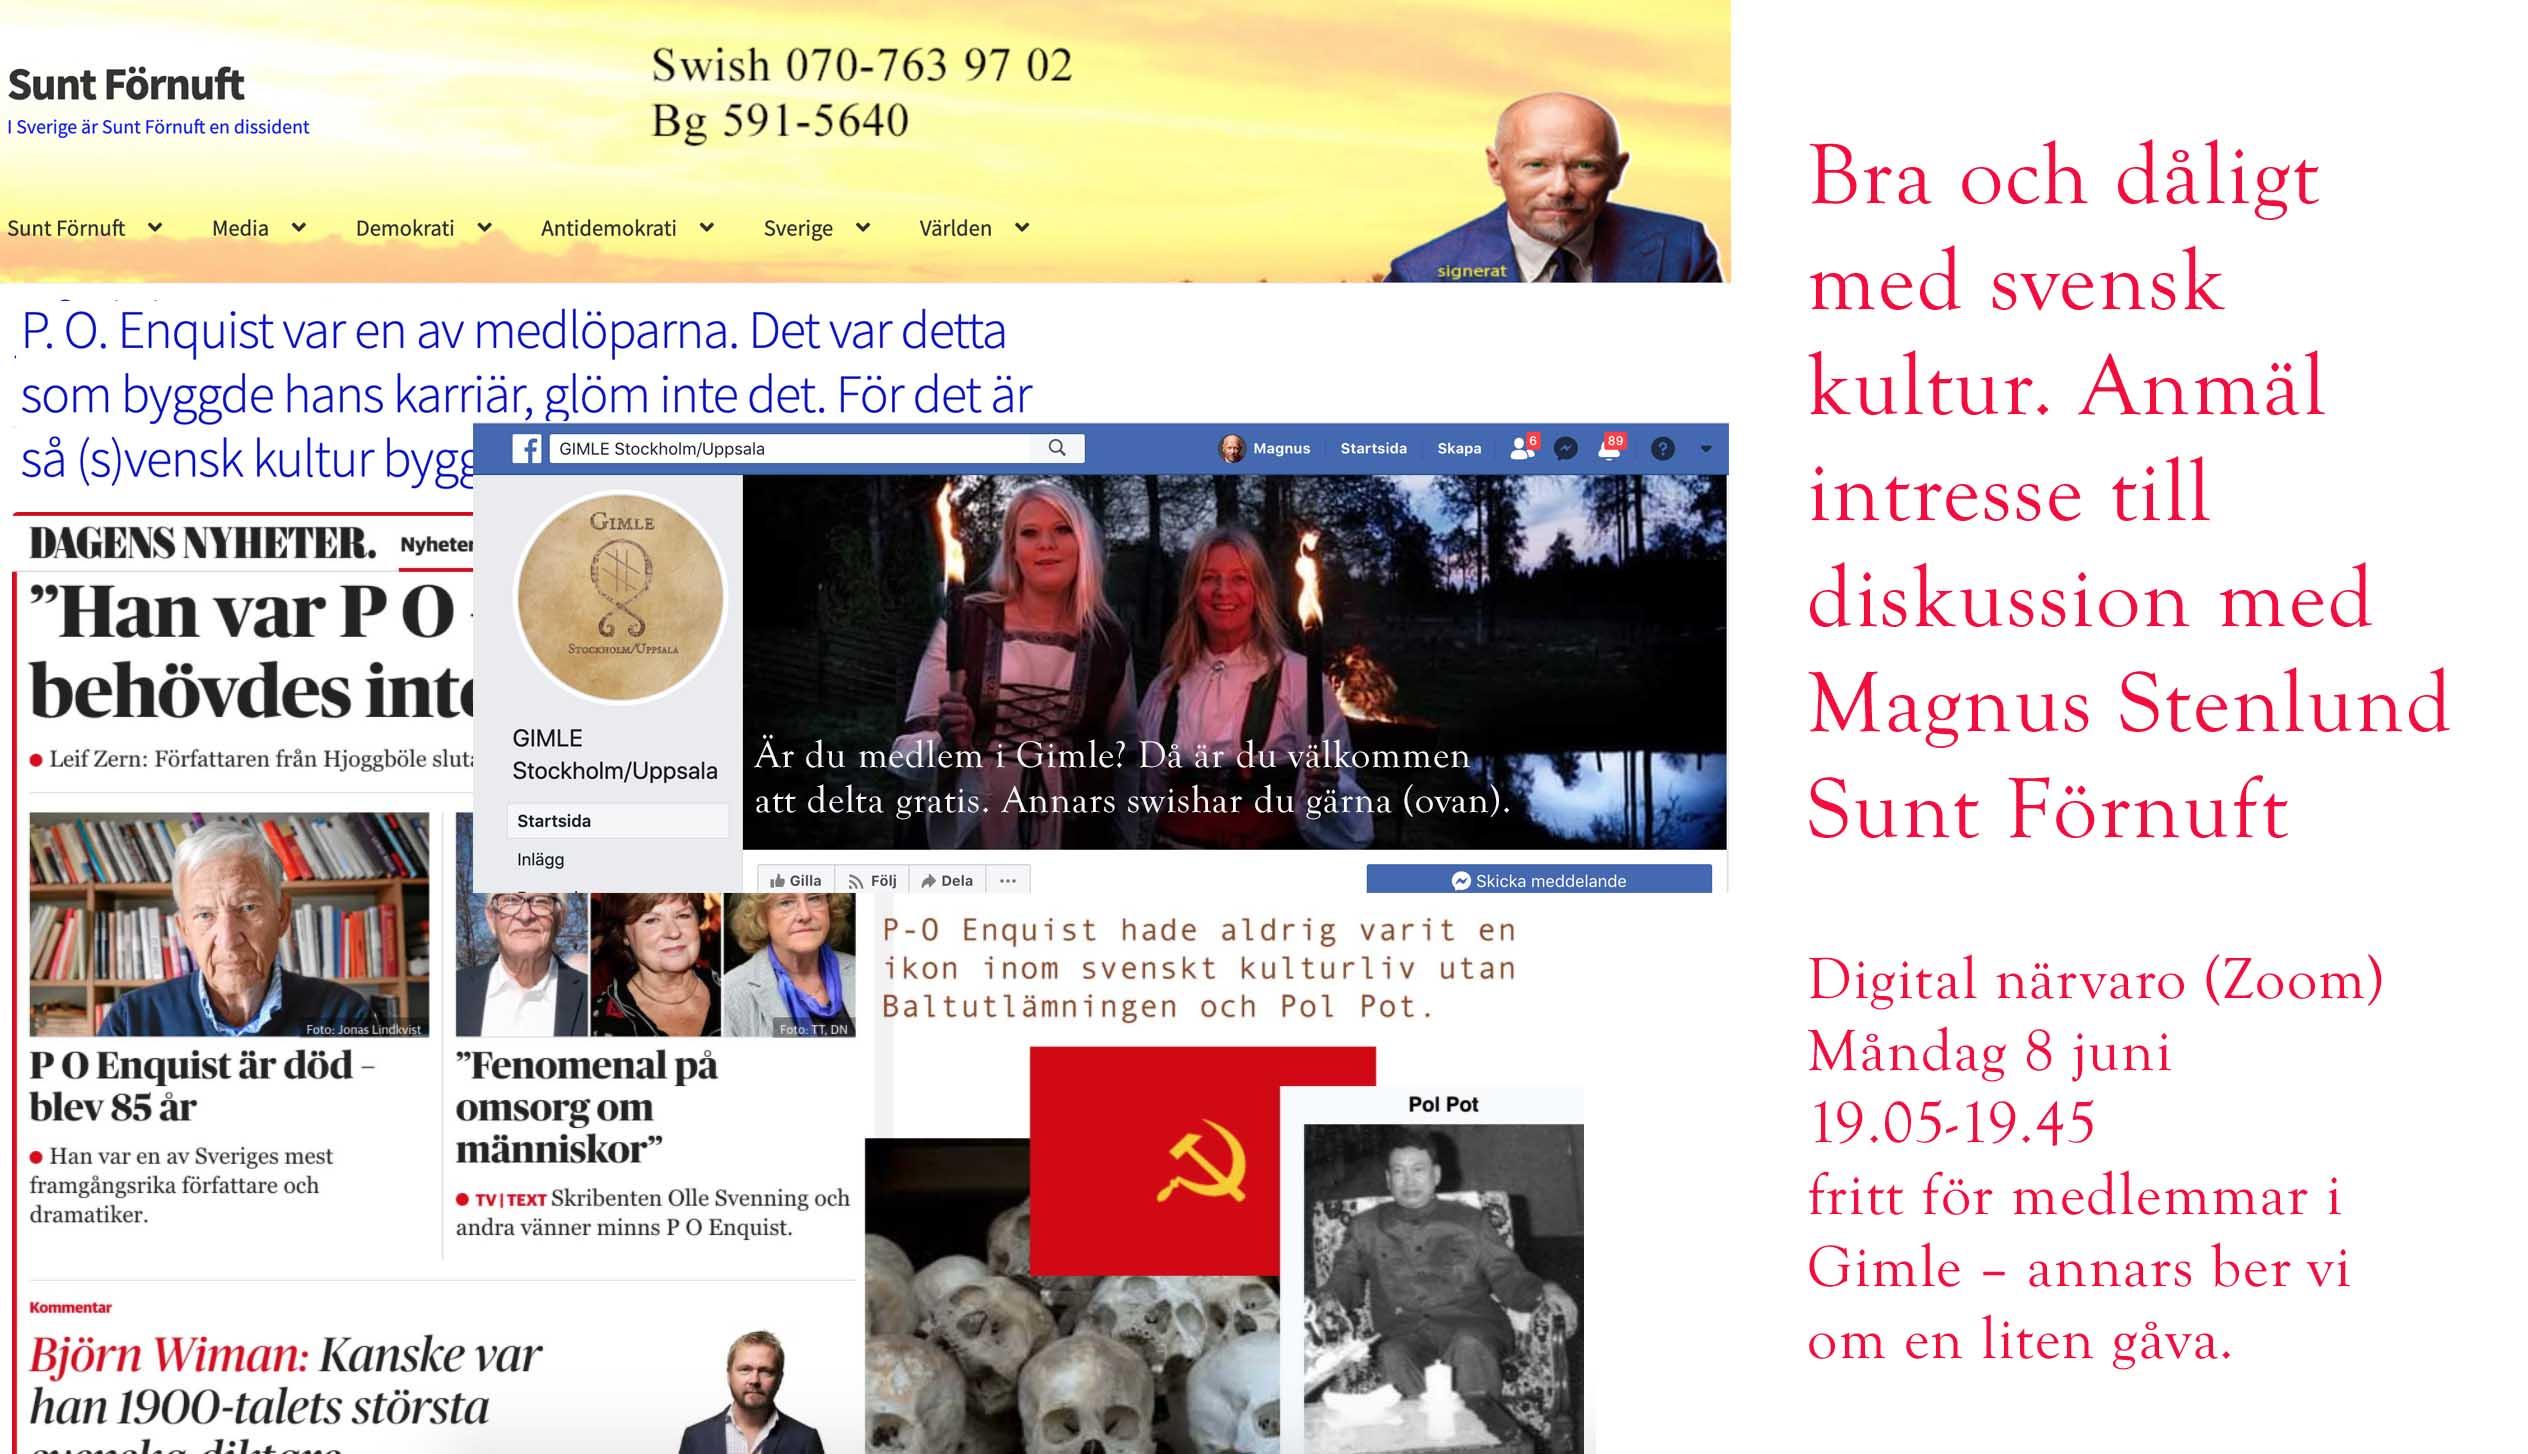 Diskussions- och lyssnarklubb i Sunt Förnufts regi. Premiär: P-O Enquist. Kulturvänstern i ett nötskal.